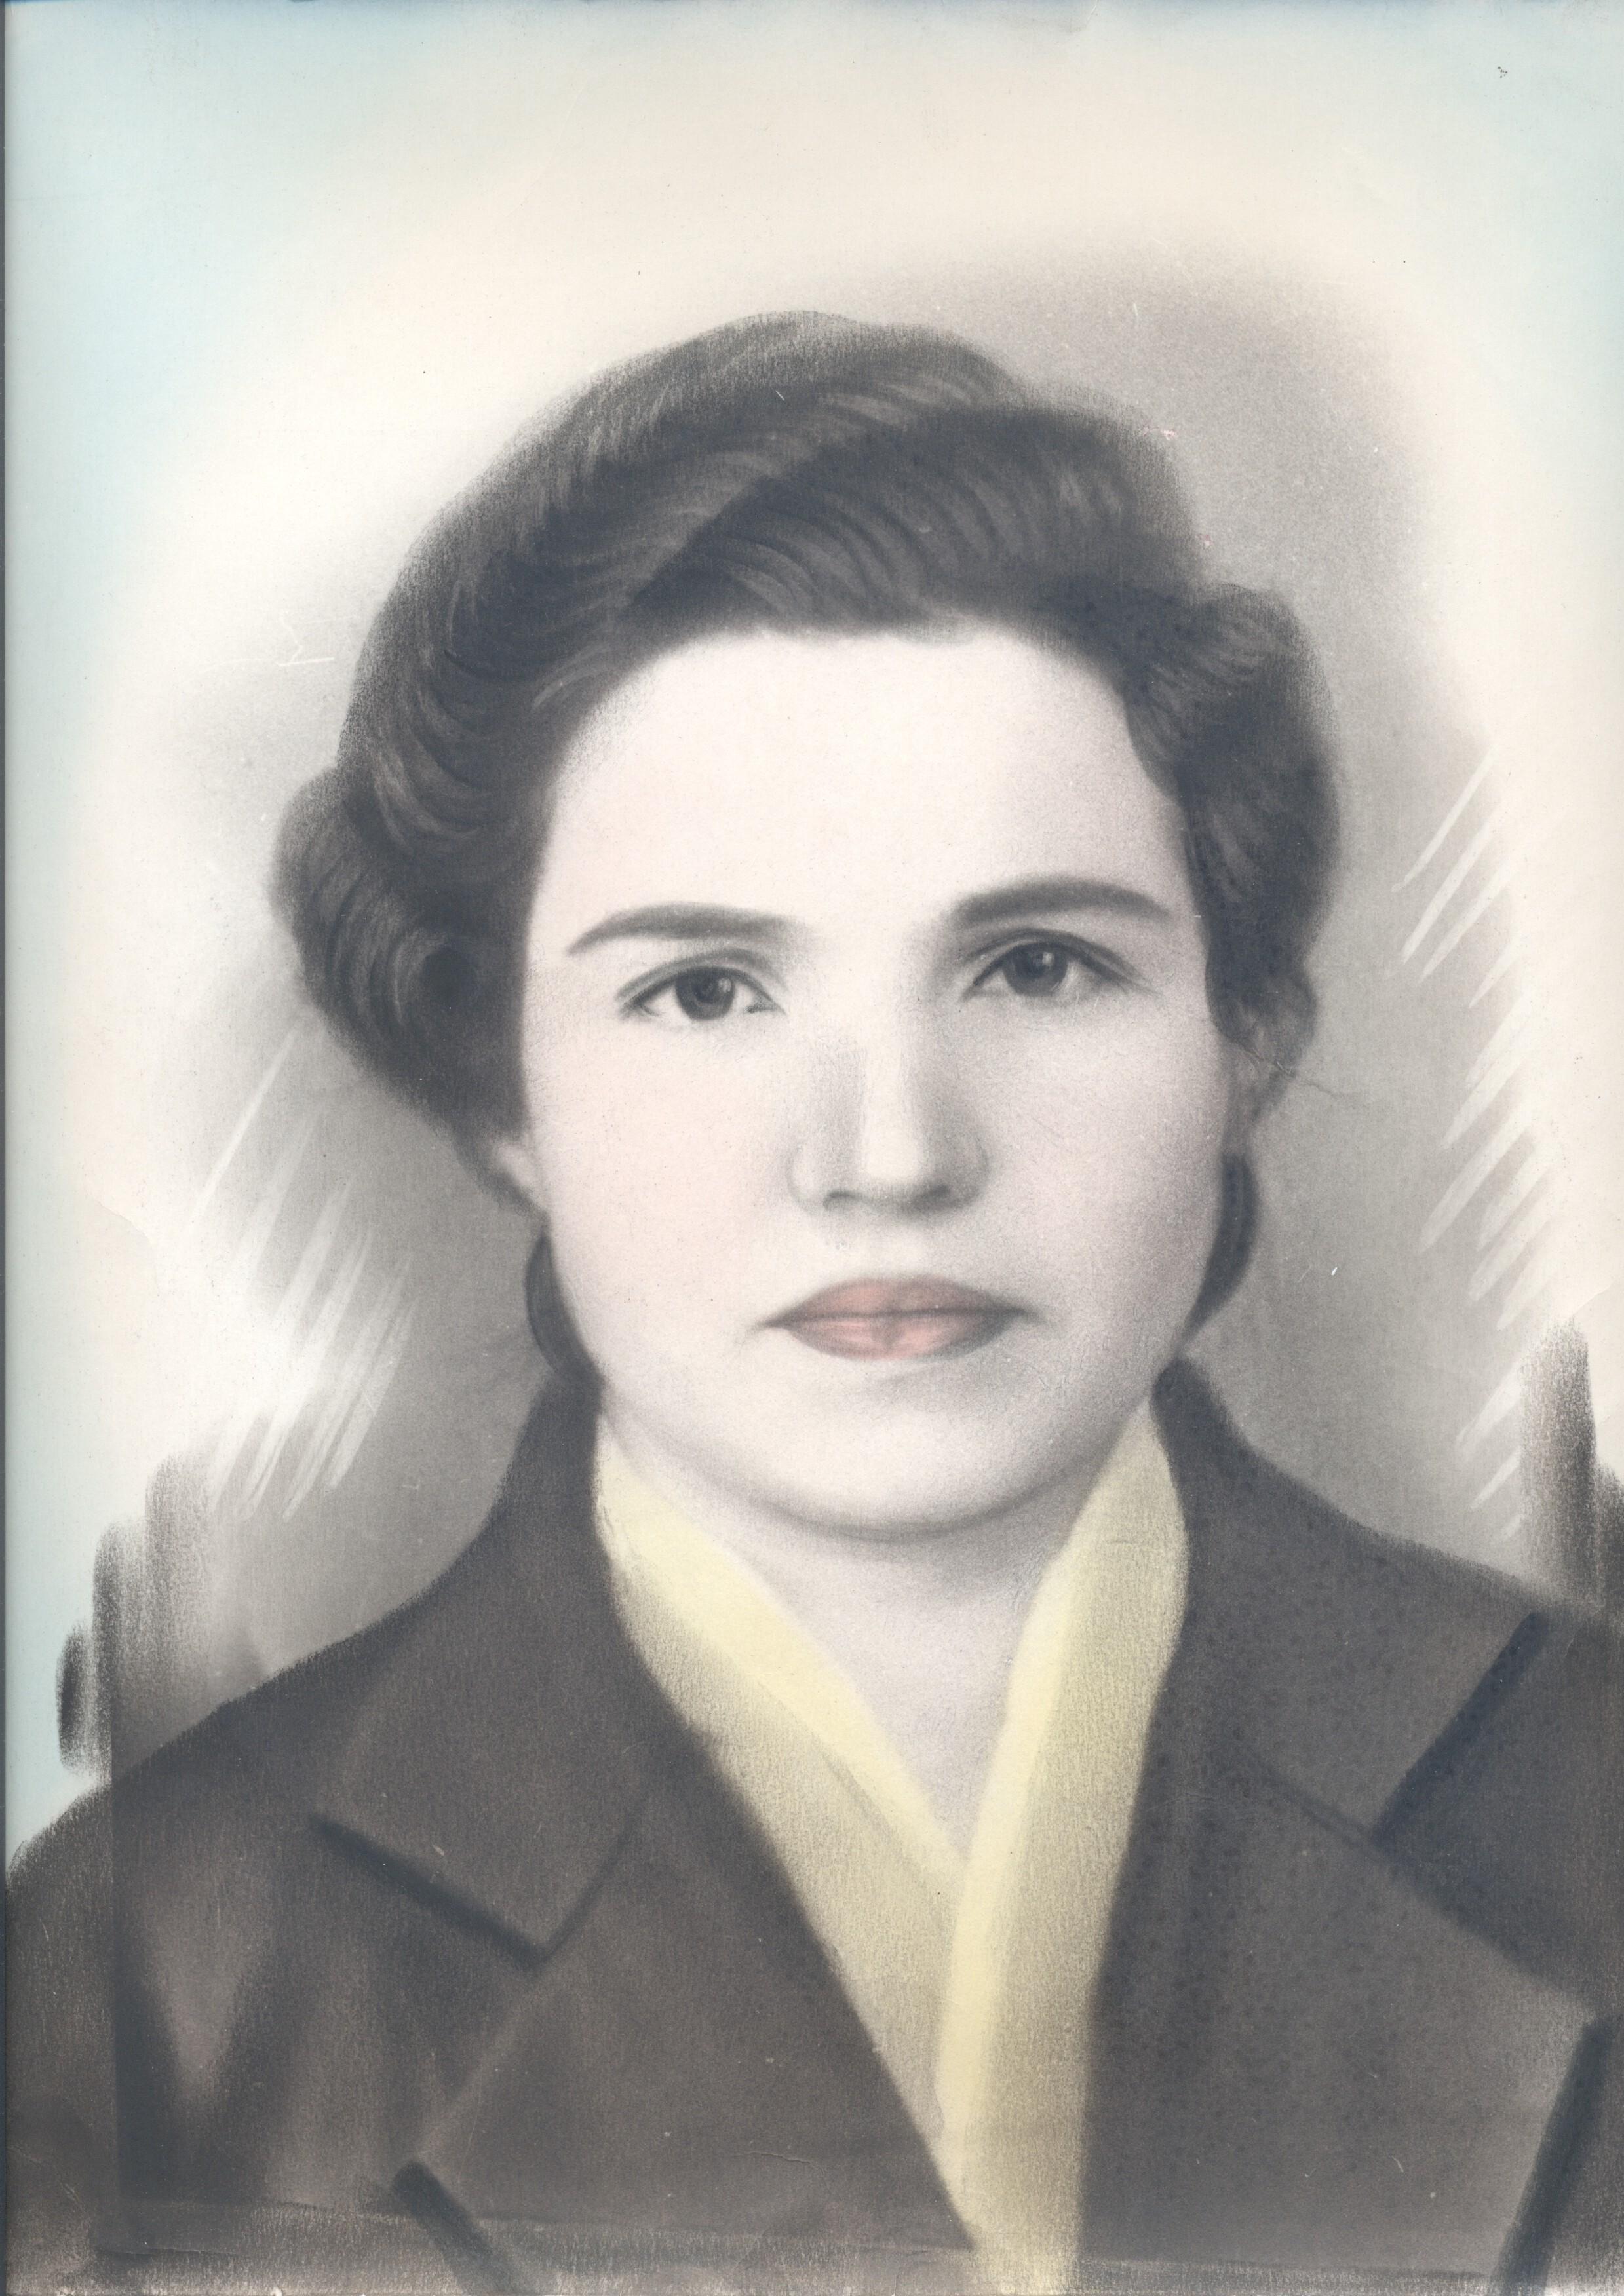 А это портрет моей бабушки в молодости.